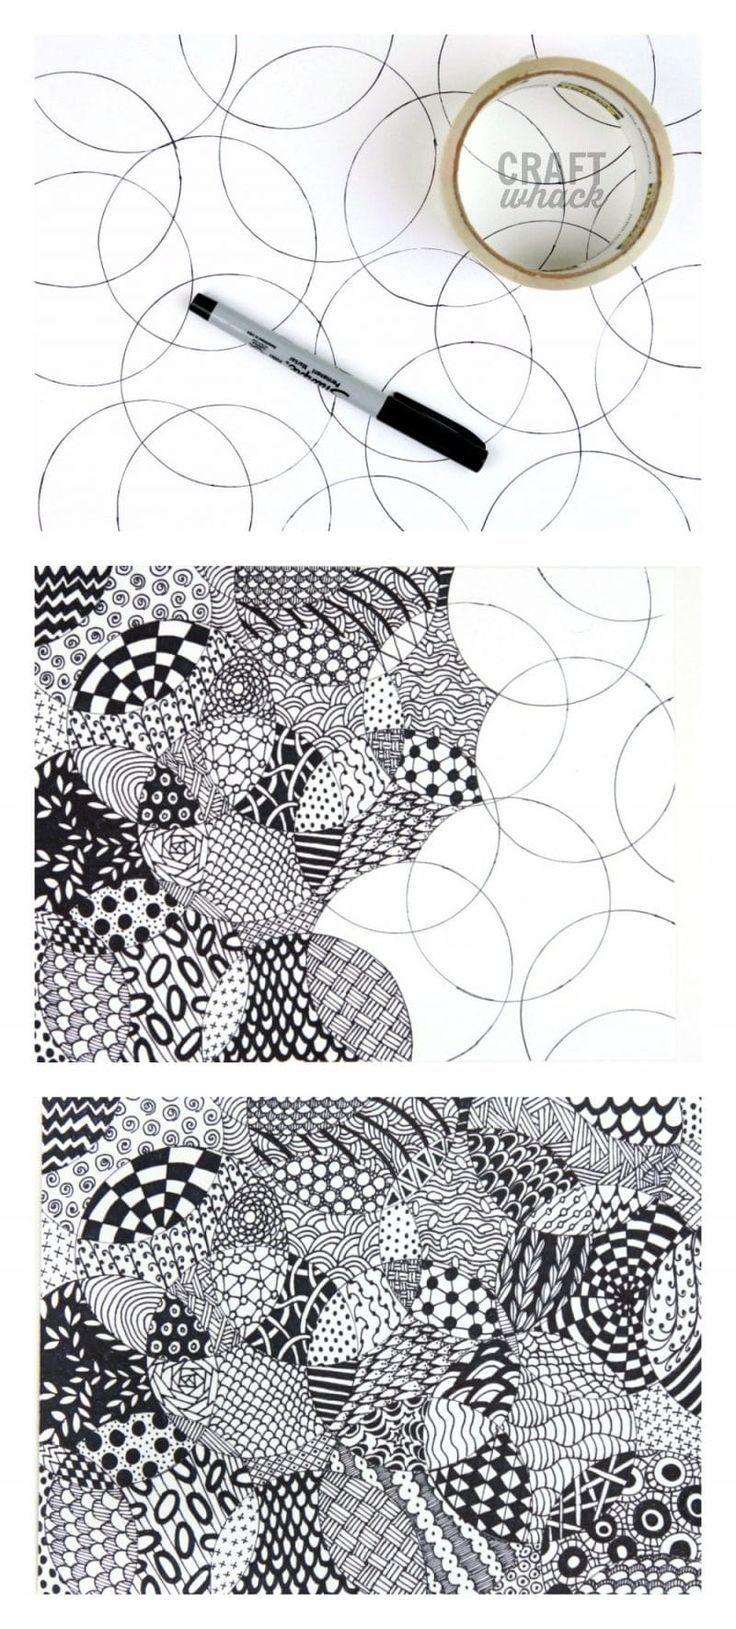 Ein ganz einfaches Zentangle-Zeichenprojekt – alles, was Sie brauchen, ist etwas rundes, Papier